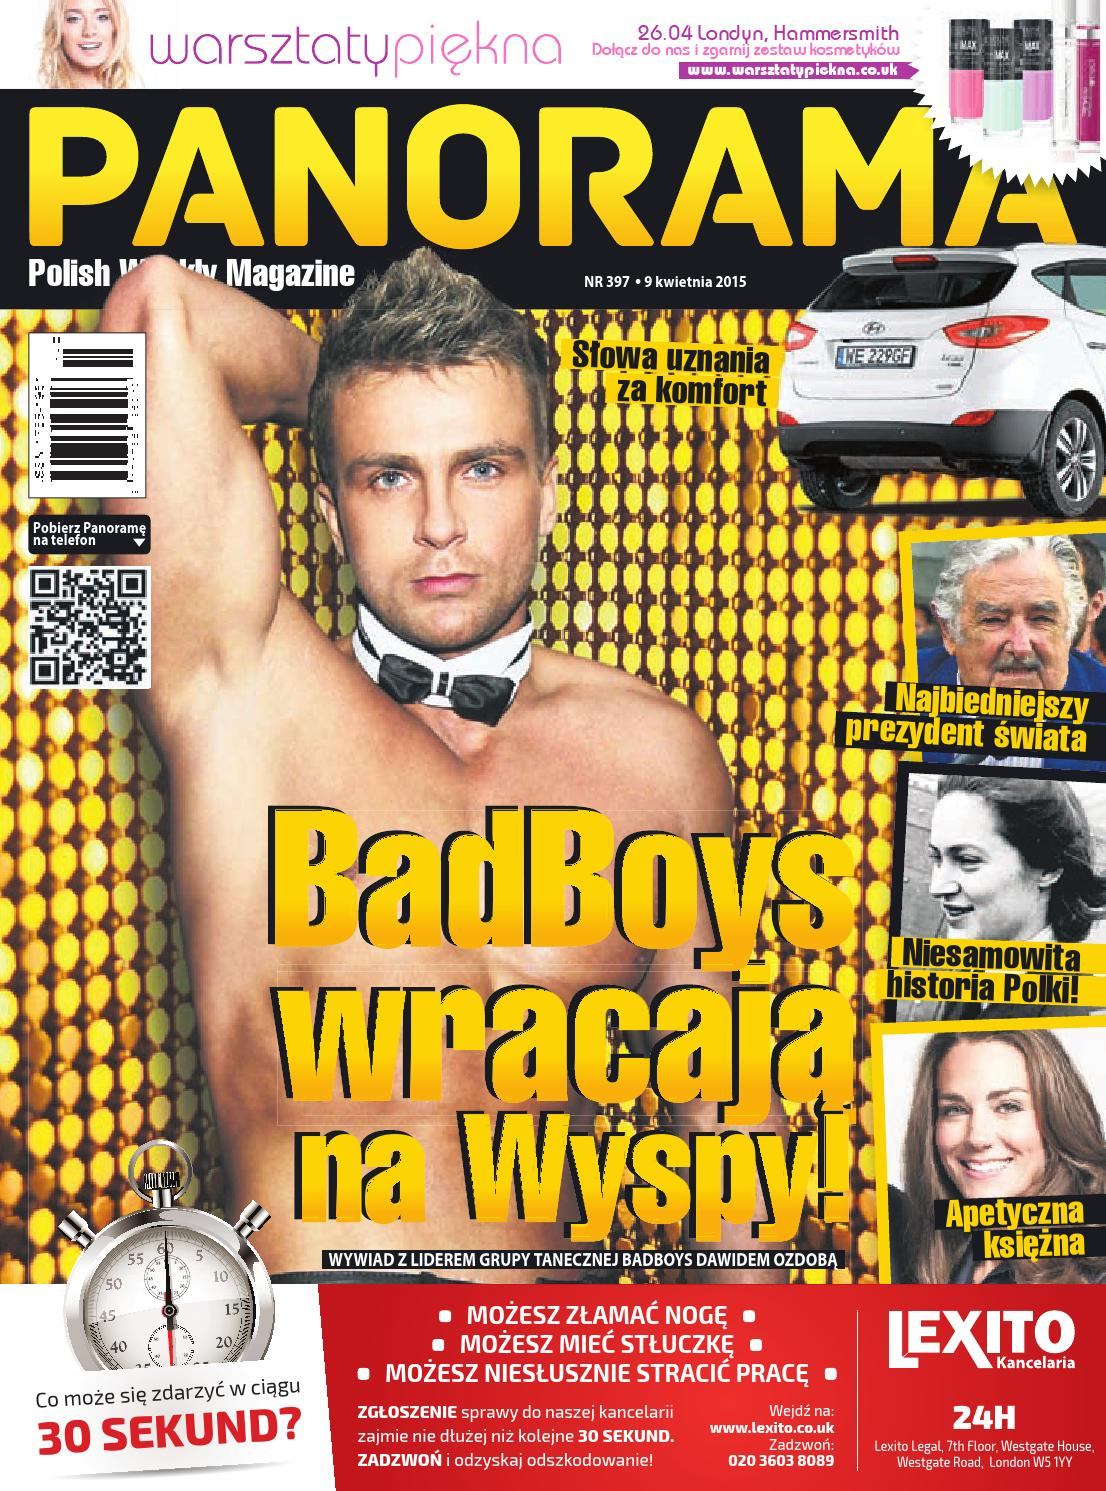 100 darmowych randek na Ukrainie